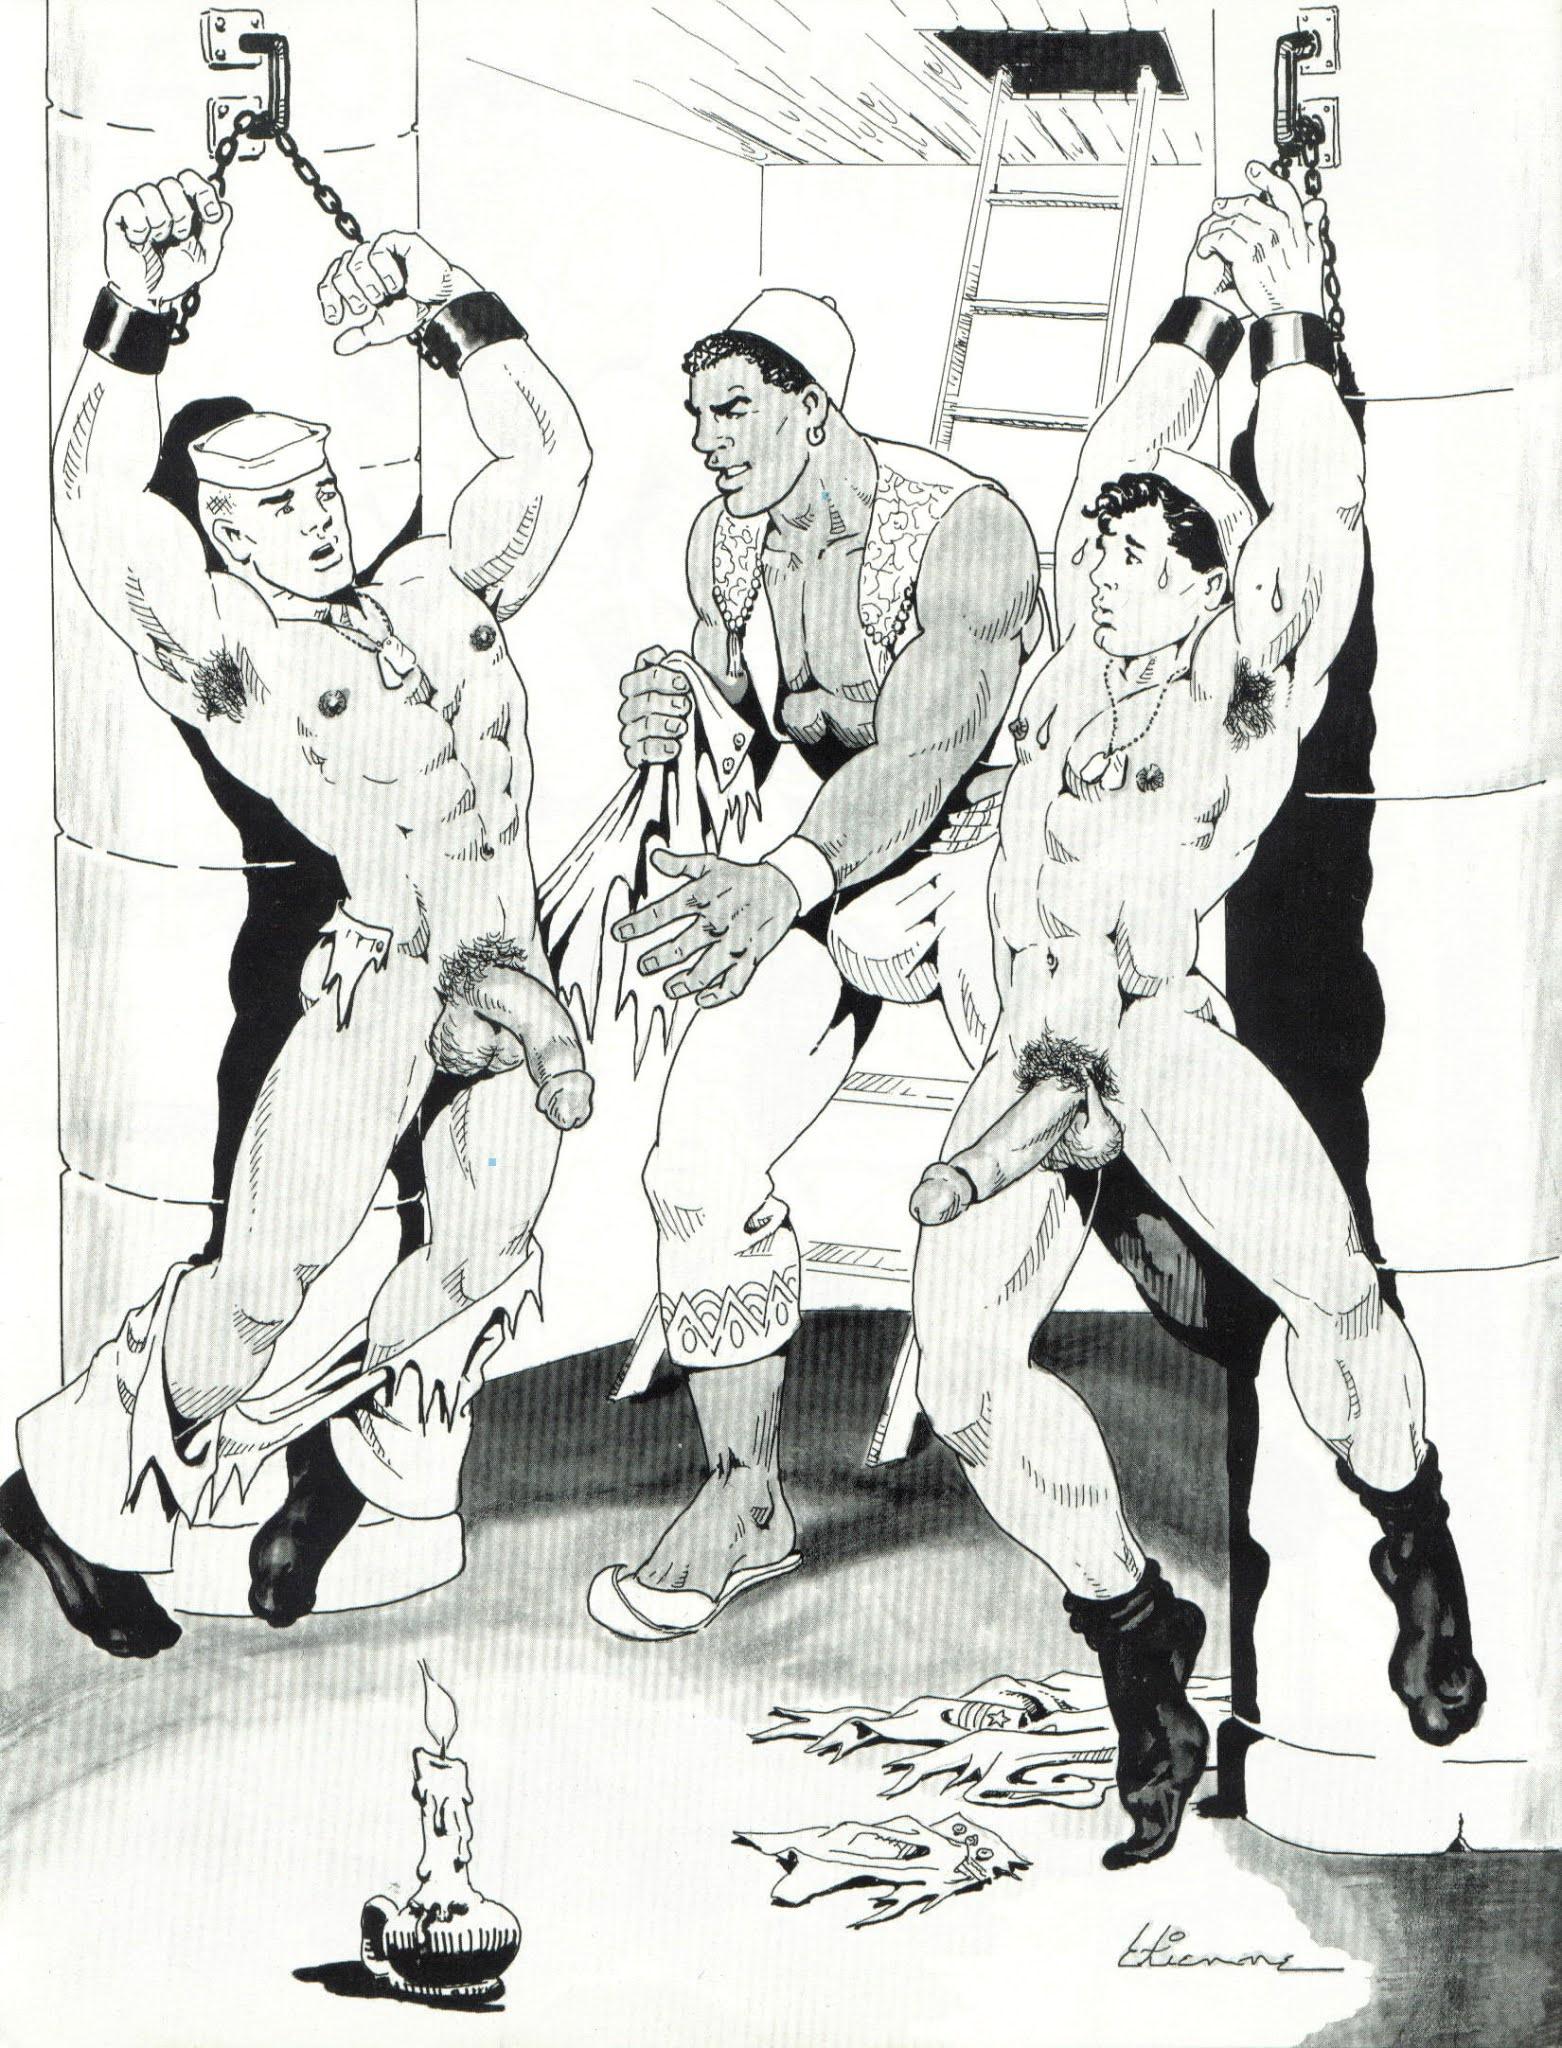 Gay Artist Etienne Bdsm